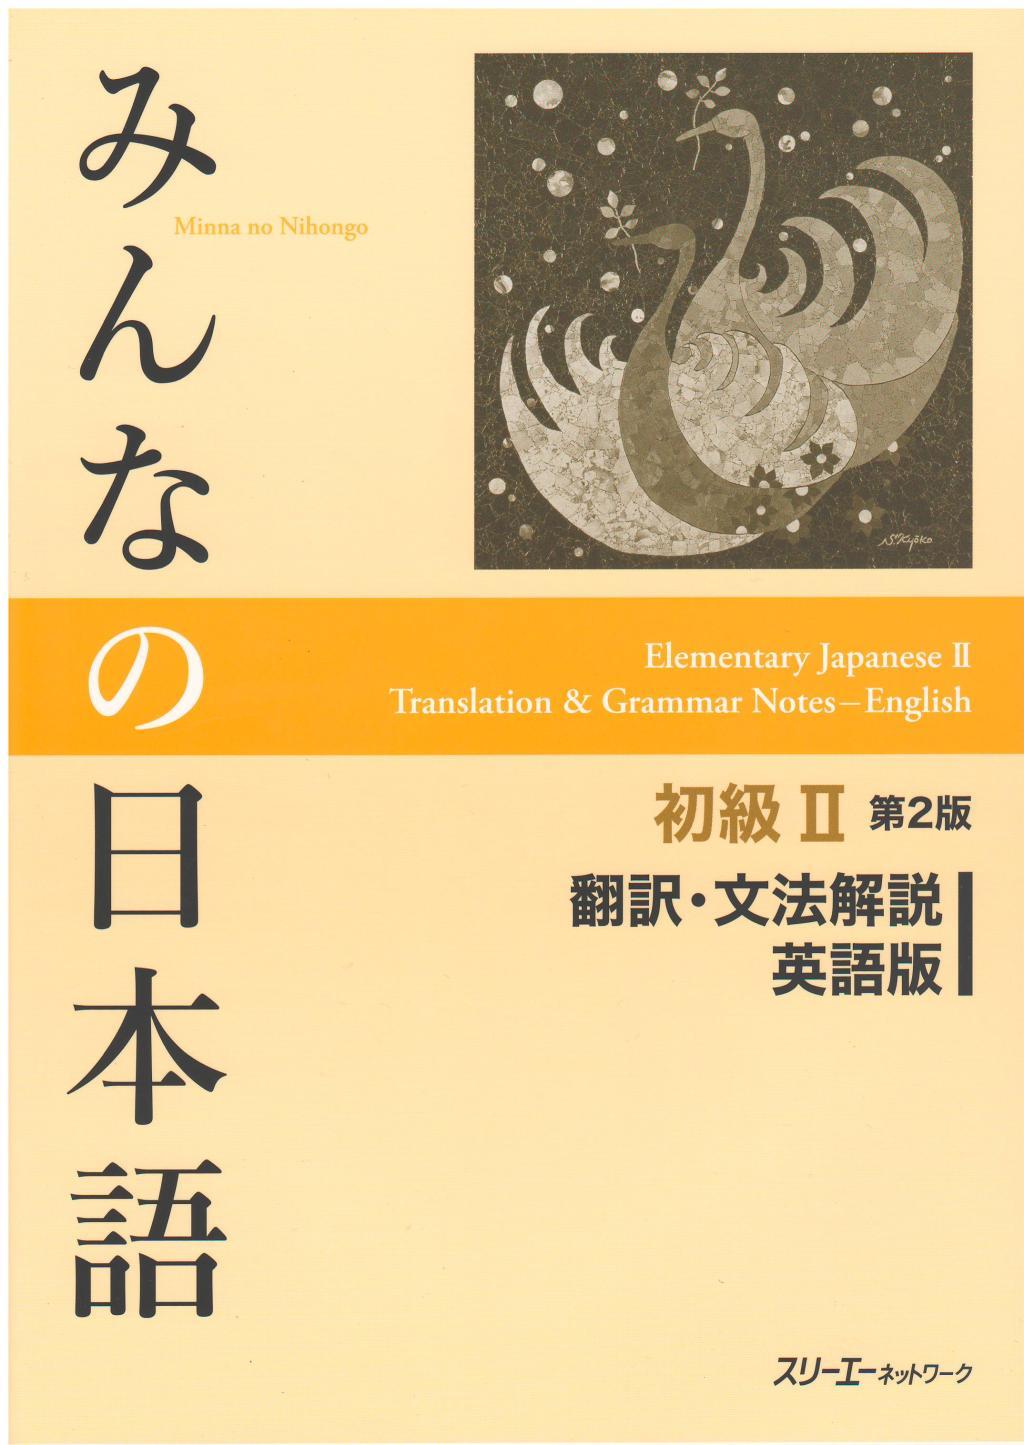 みんなの日本語 初級II 第2版 翻訳・文法解説 英語版の画像